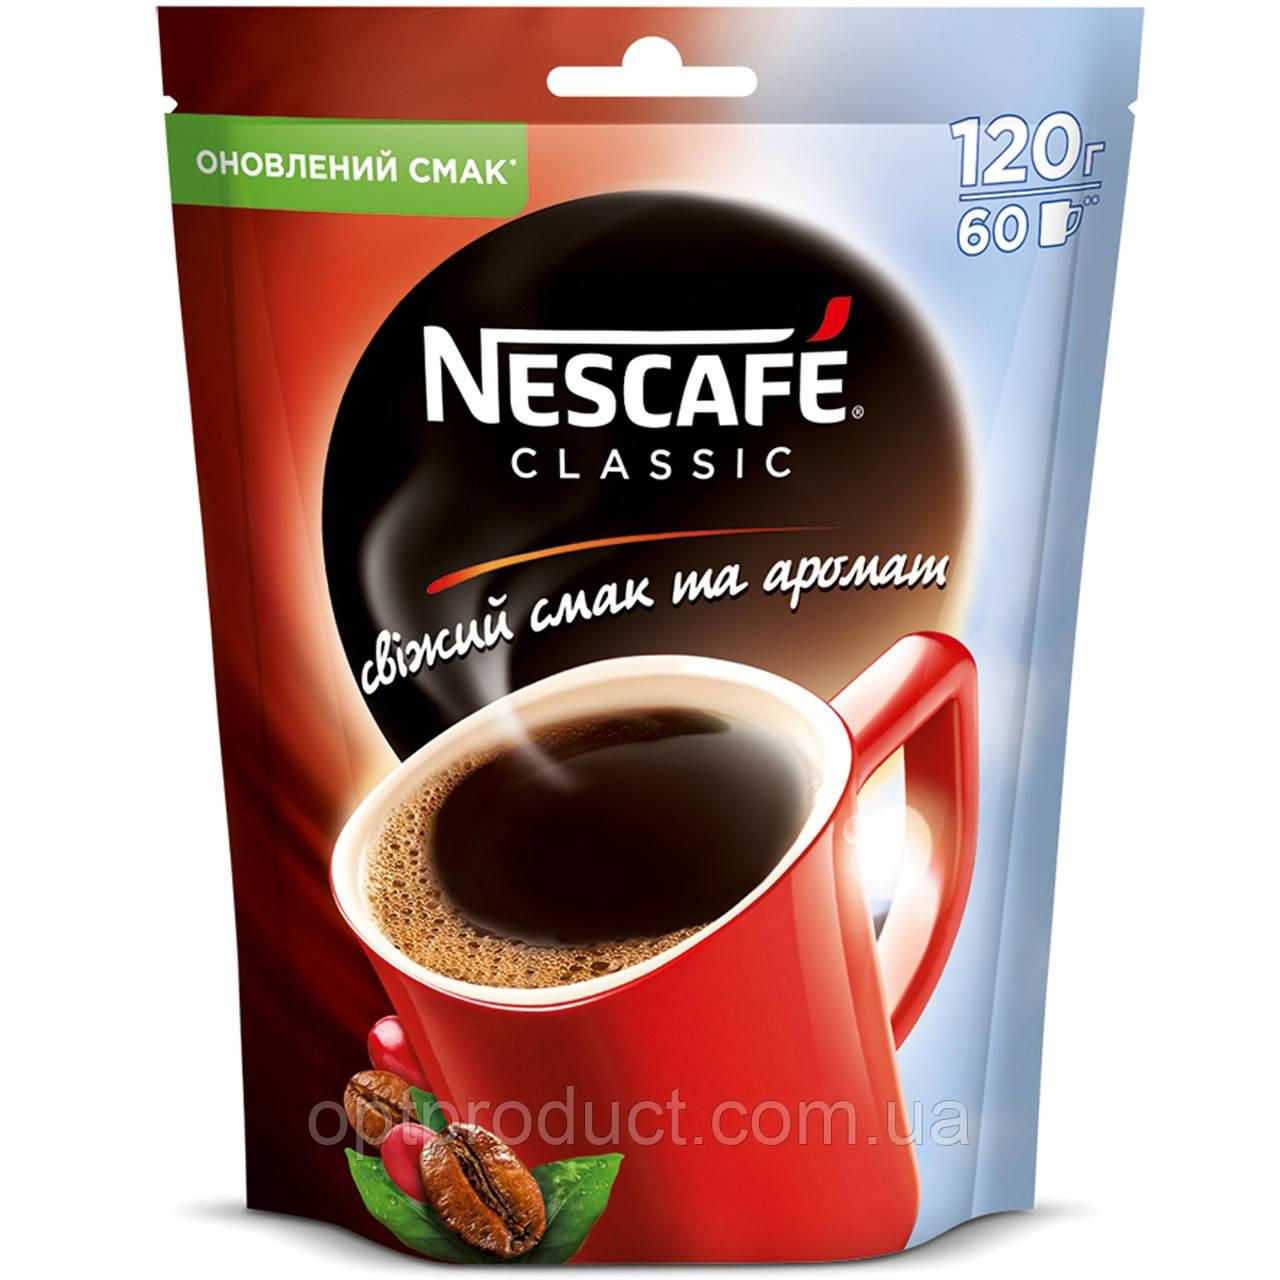 Растворимый кофе Nescafe Classic (Нескафе Классик) 120г эконом пакет